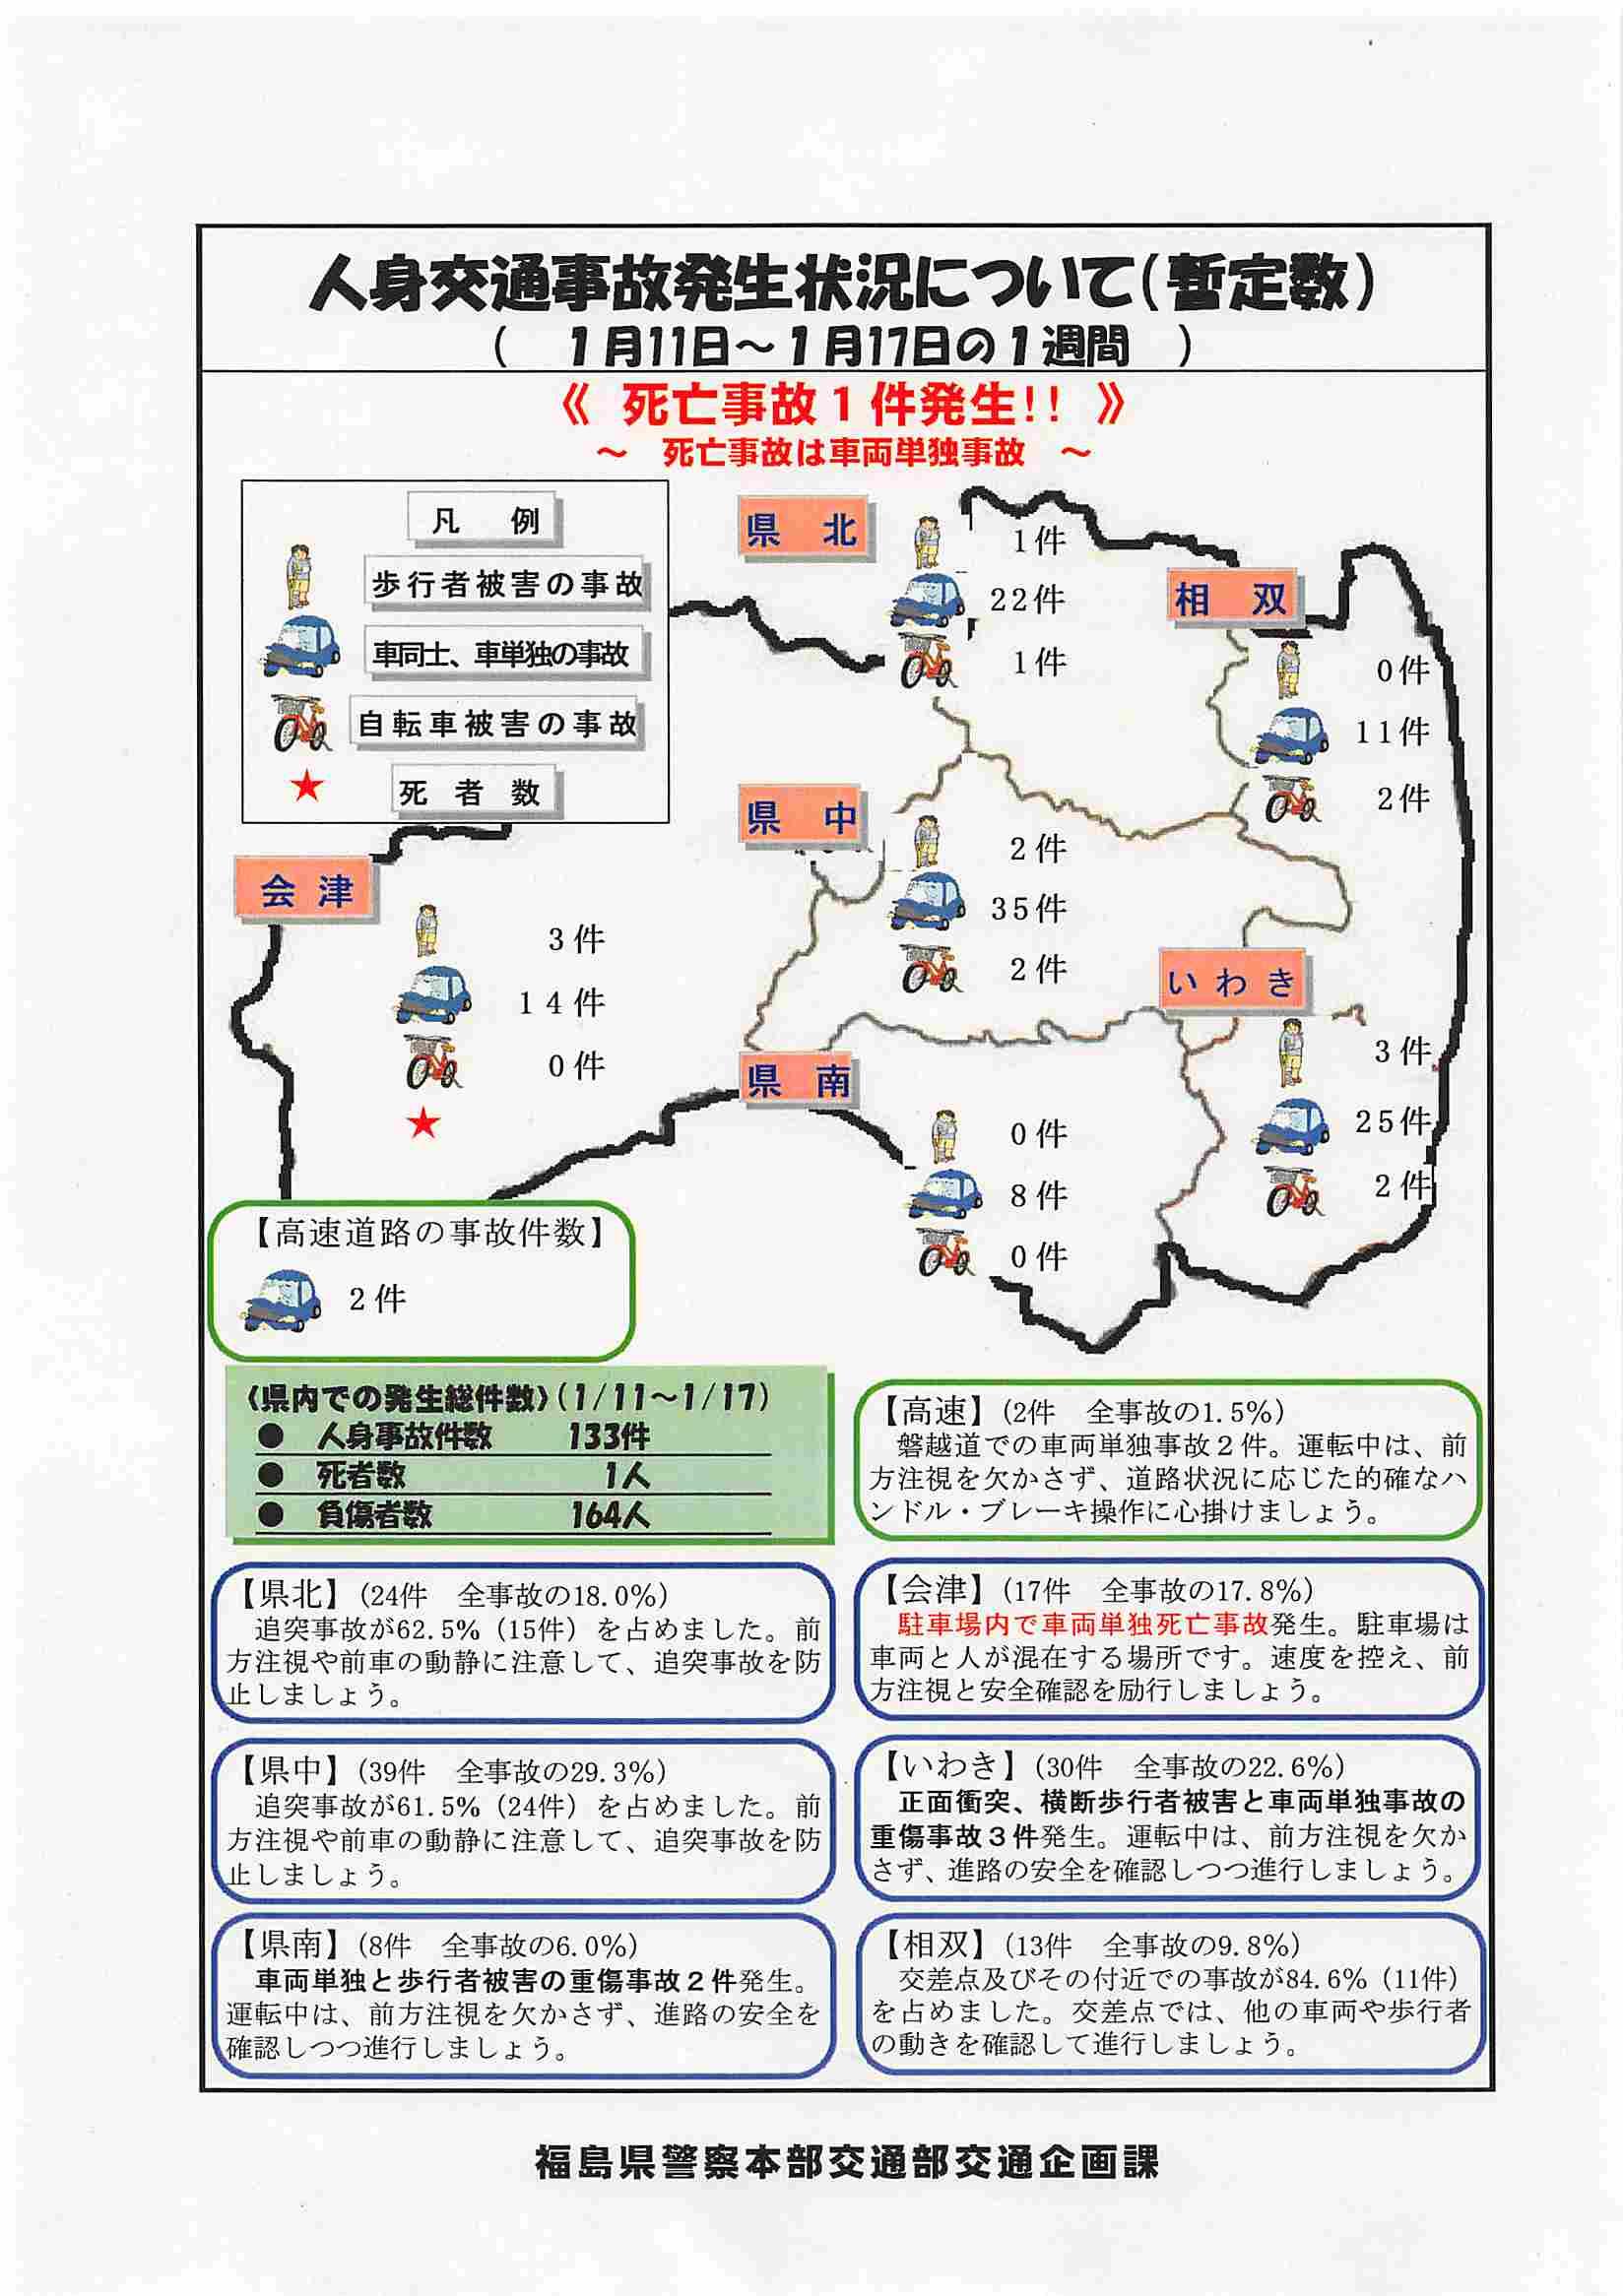 交通事故発生注意報/福島県警察本部交通部交通企画課